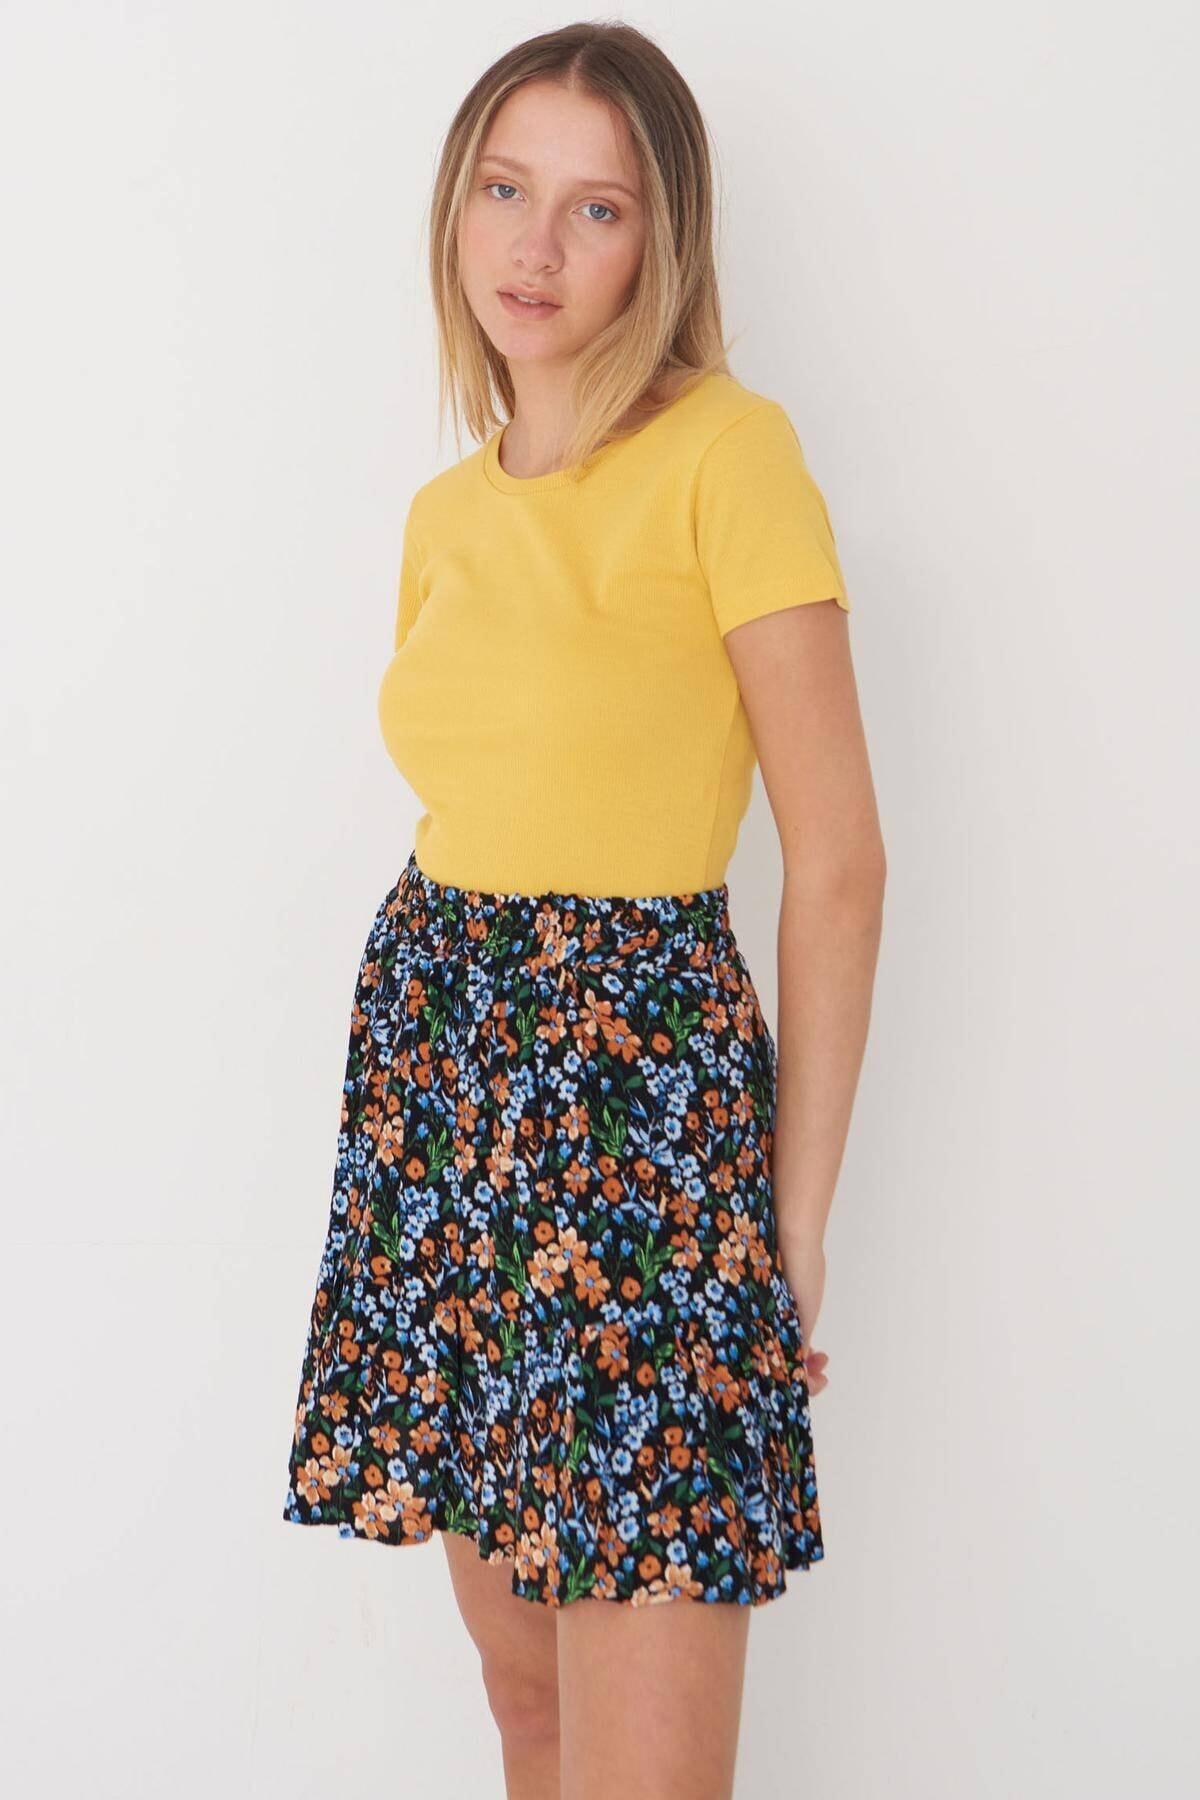 Addax Kadın Sarı Bisiklet Yaka Tişört P0258 - X2 Adx-00009795